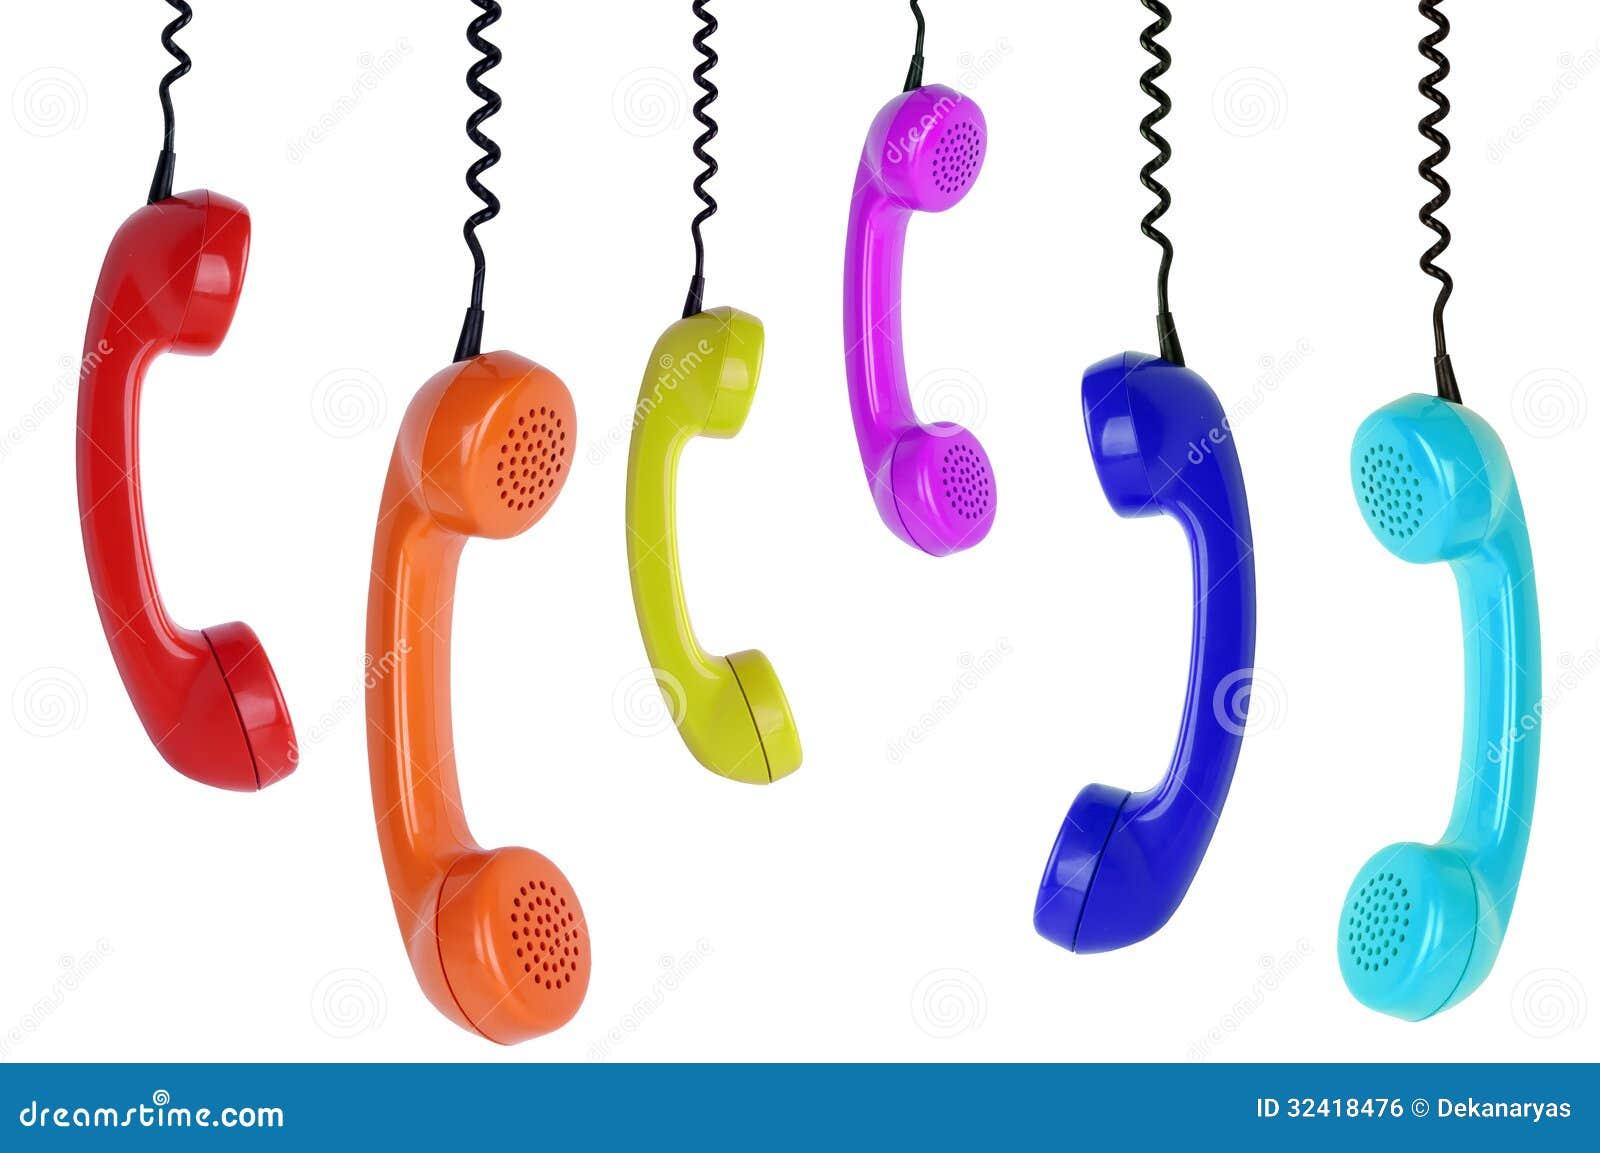 Seis suspensões coloridas dos telefones